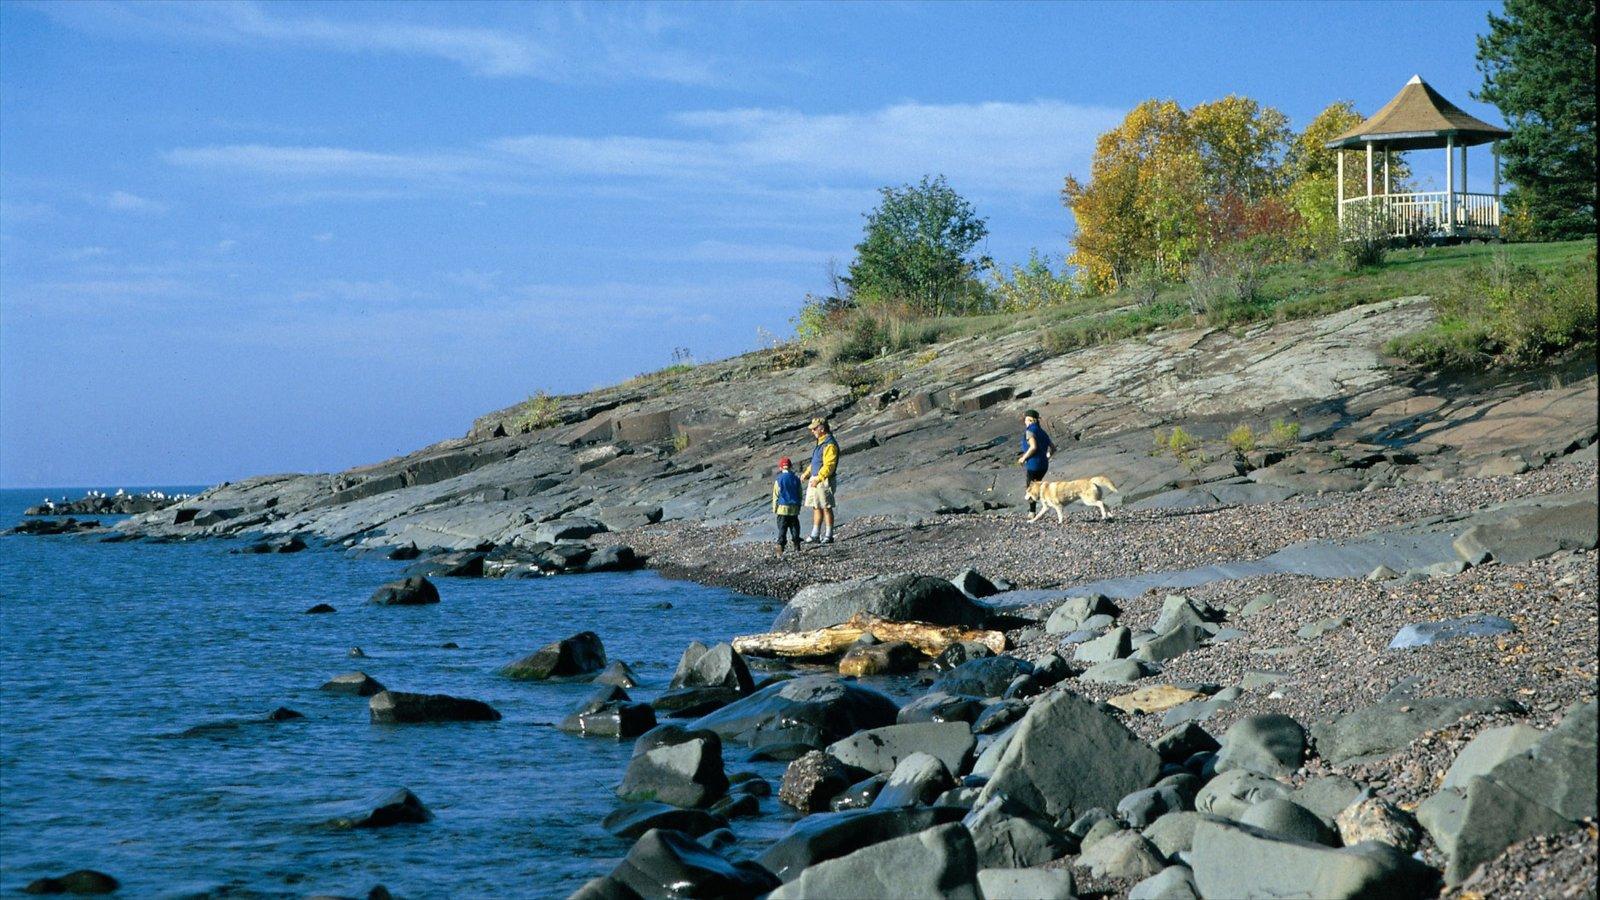 Duluth mostrando montanhas e litoral acidentado